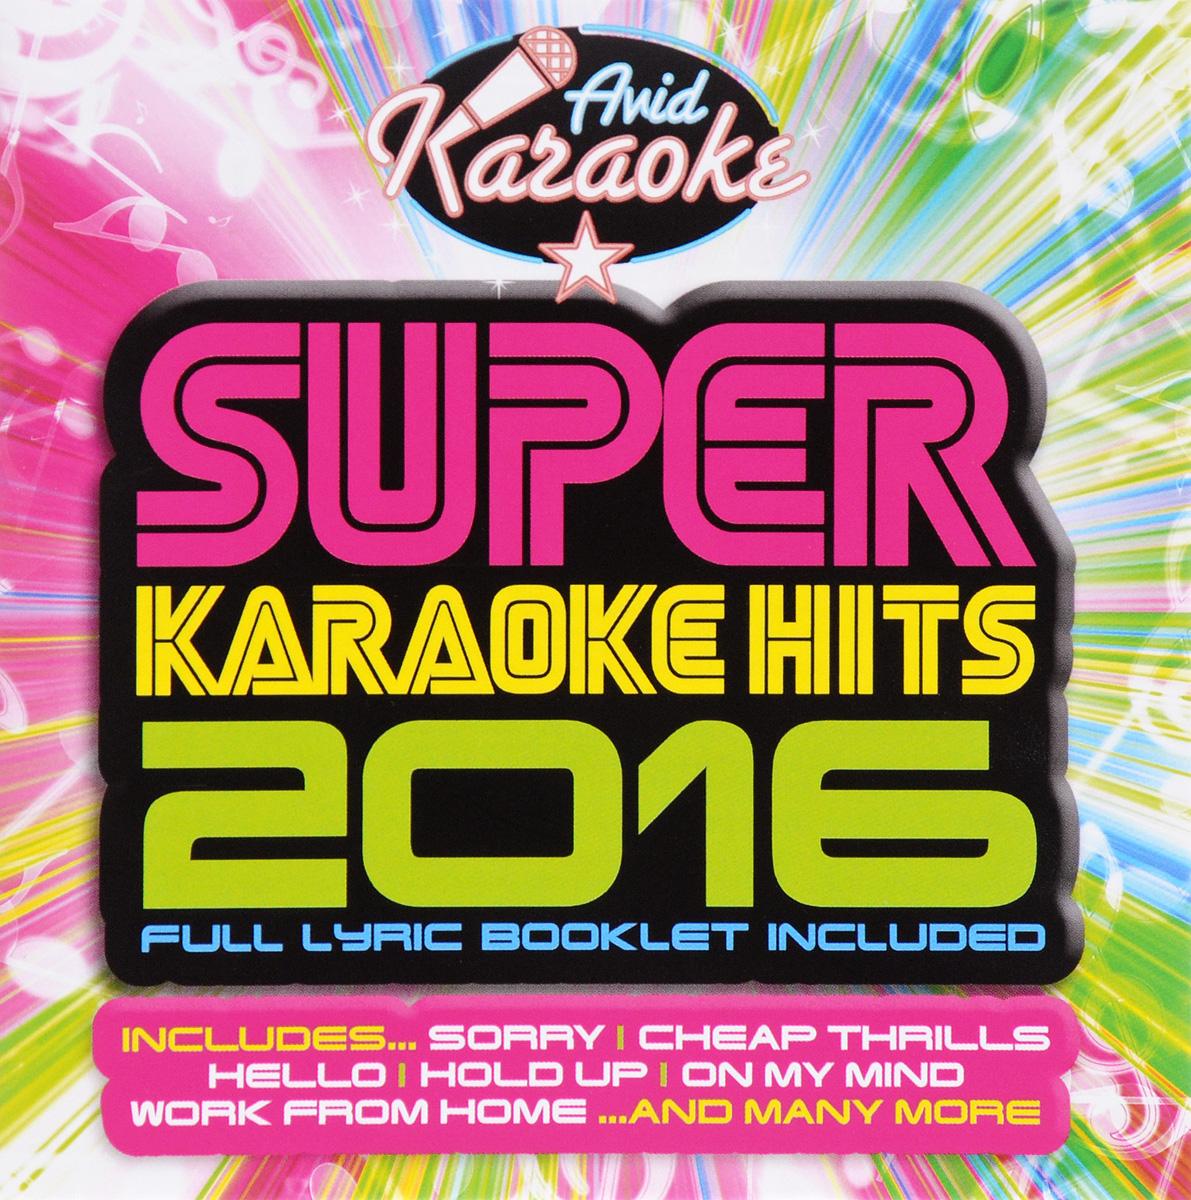 Avid Karaoke. Super Karaoke Hits 2016